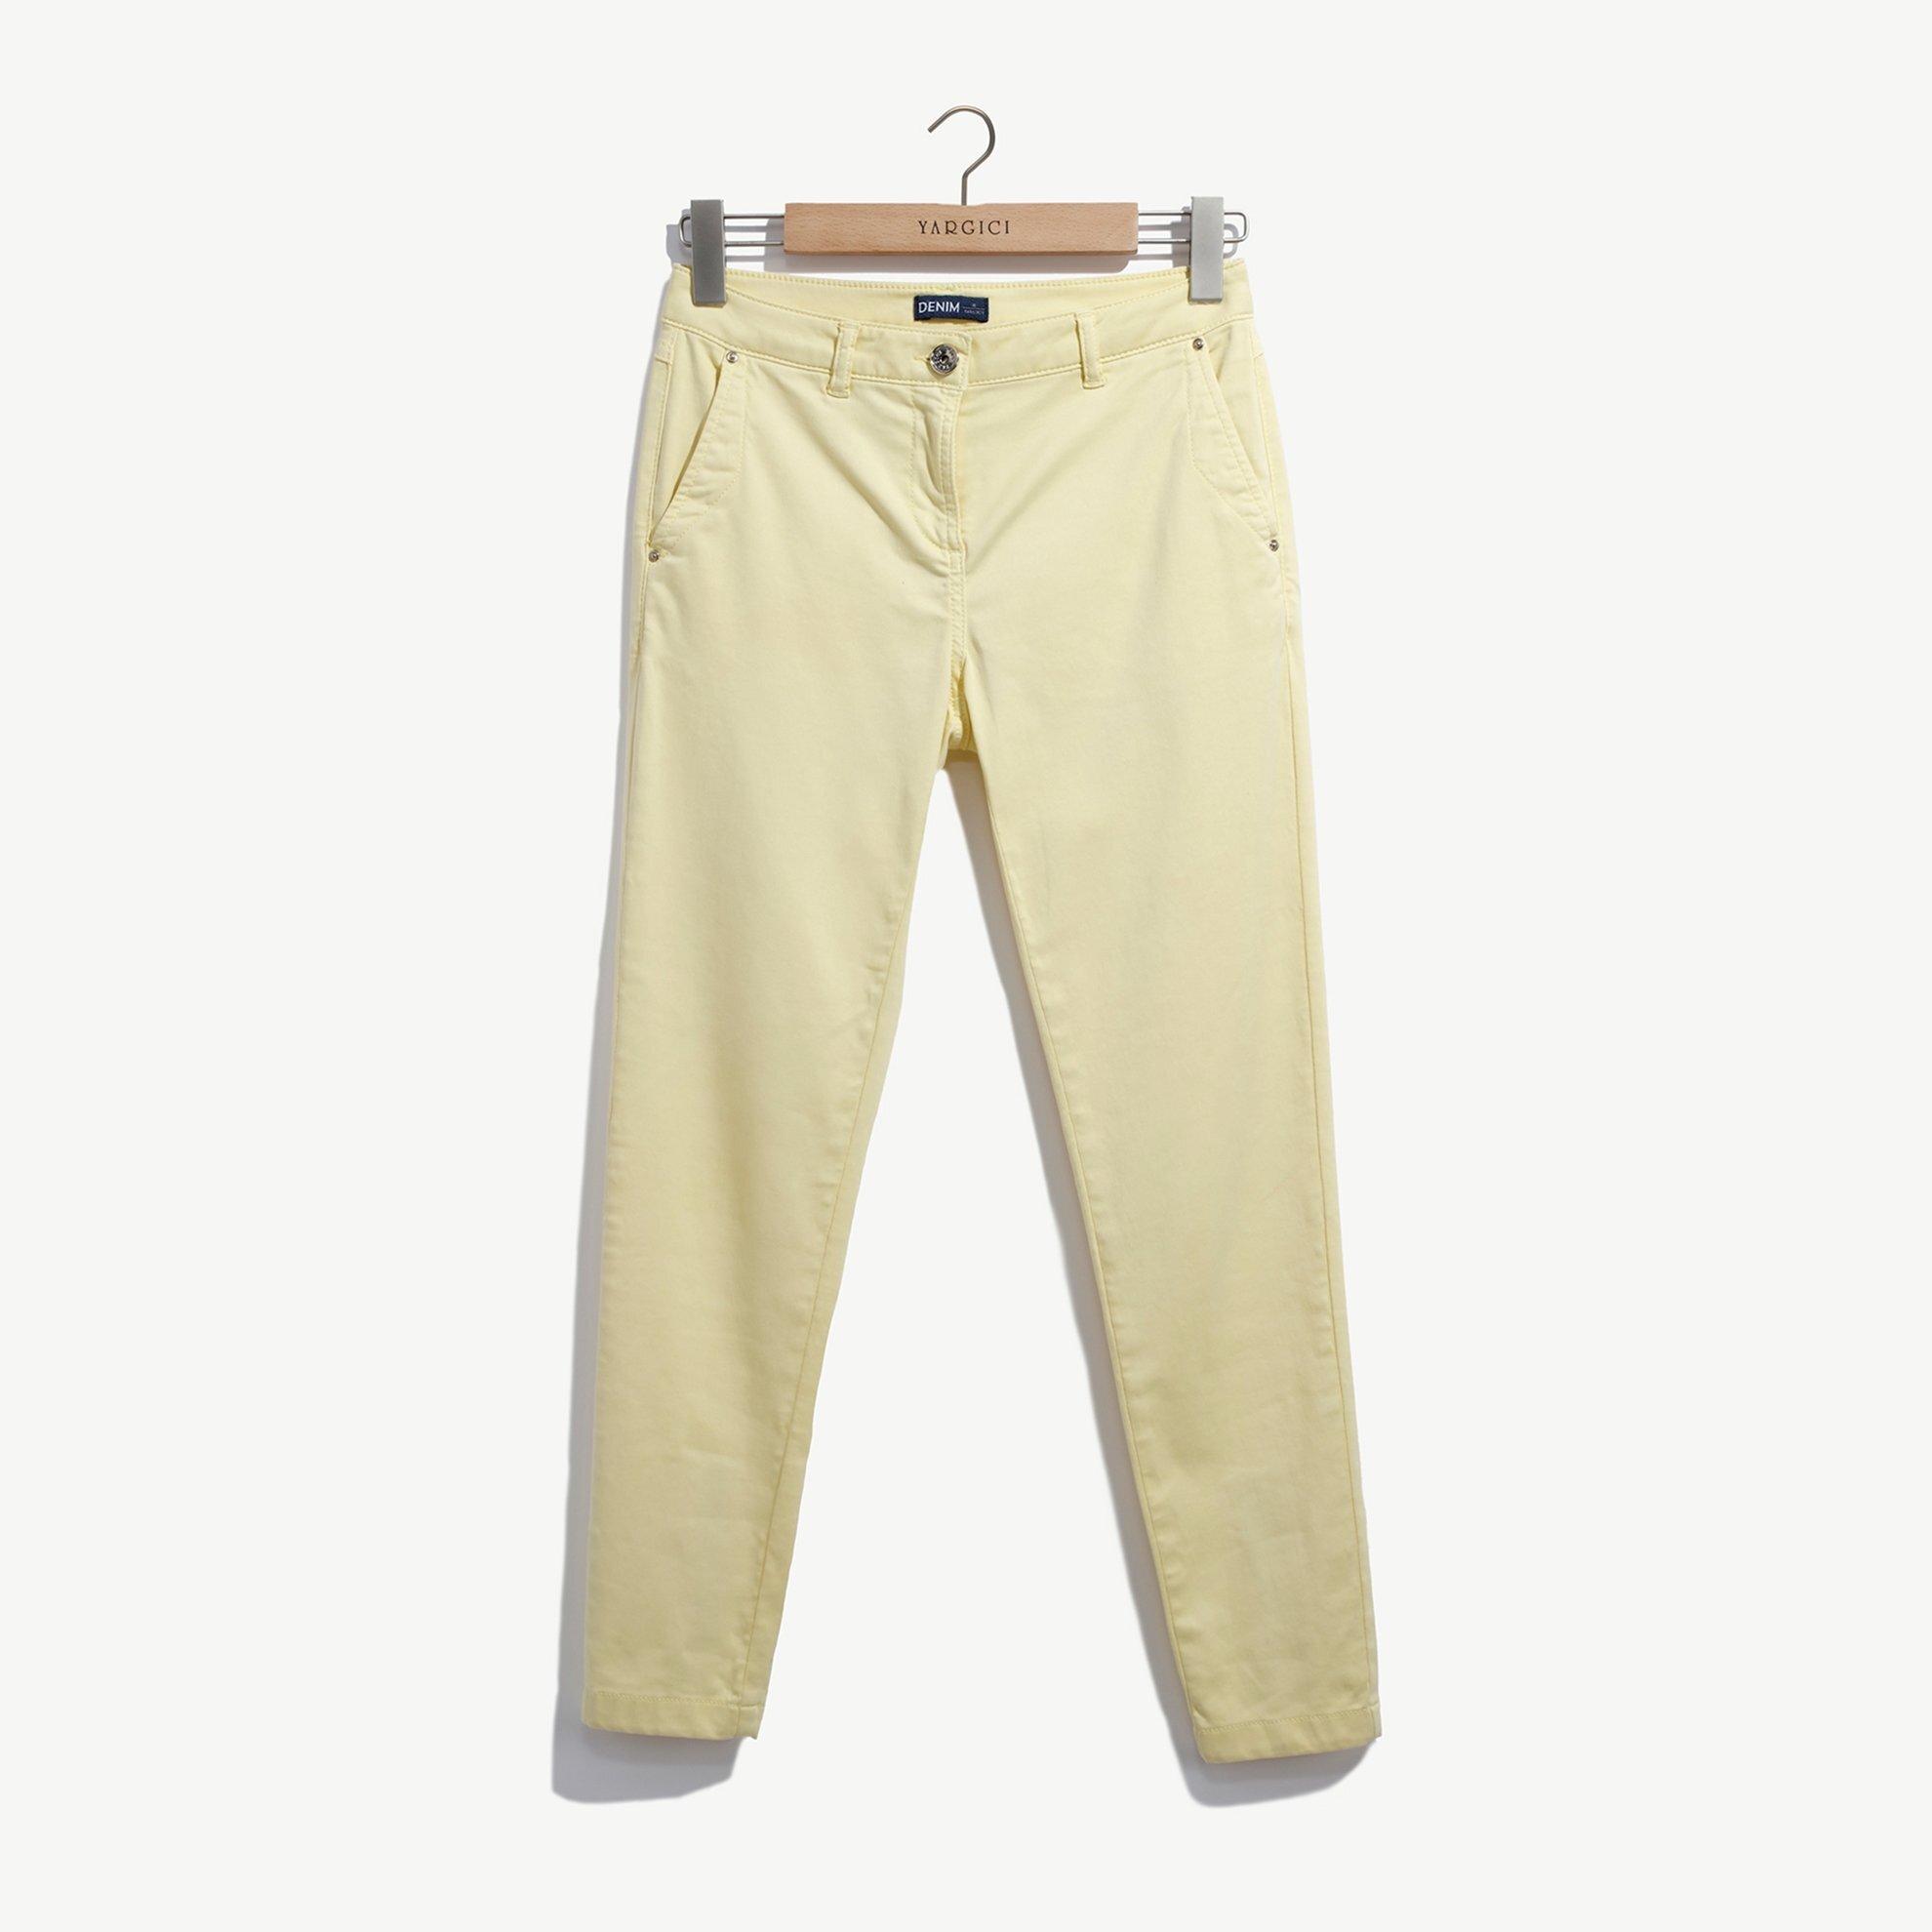 resm Dar Kalıp Paçası Yırtmaçlı Pantolon